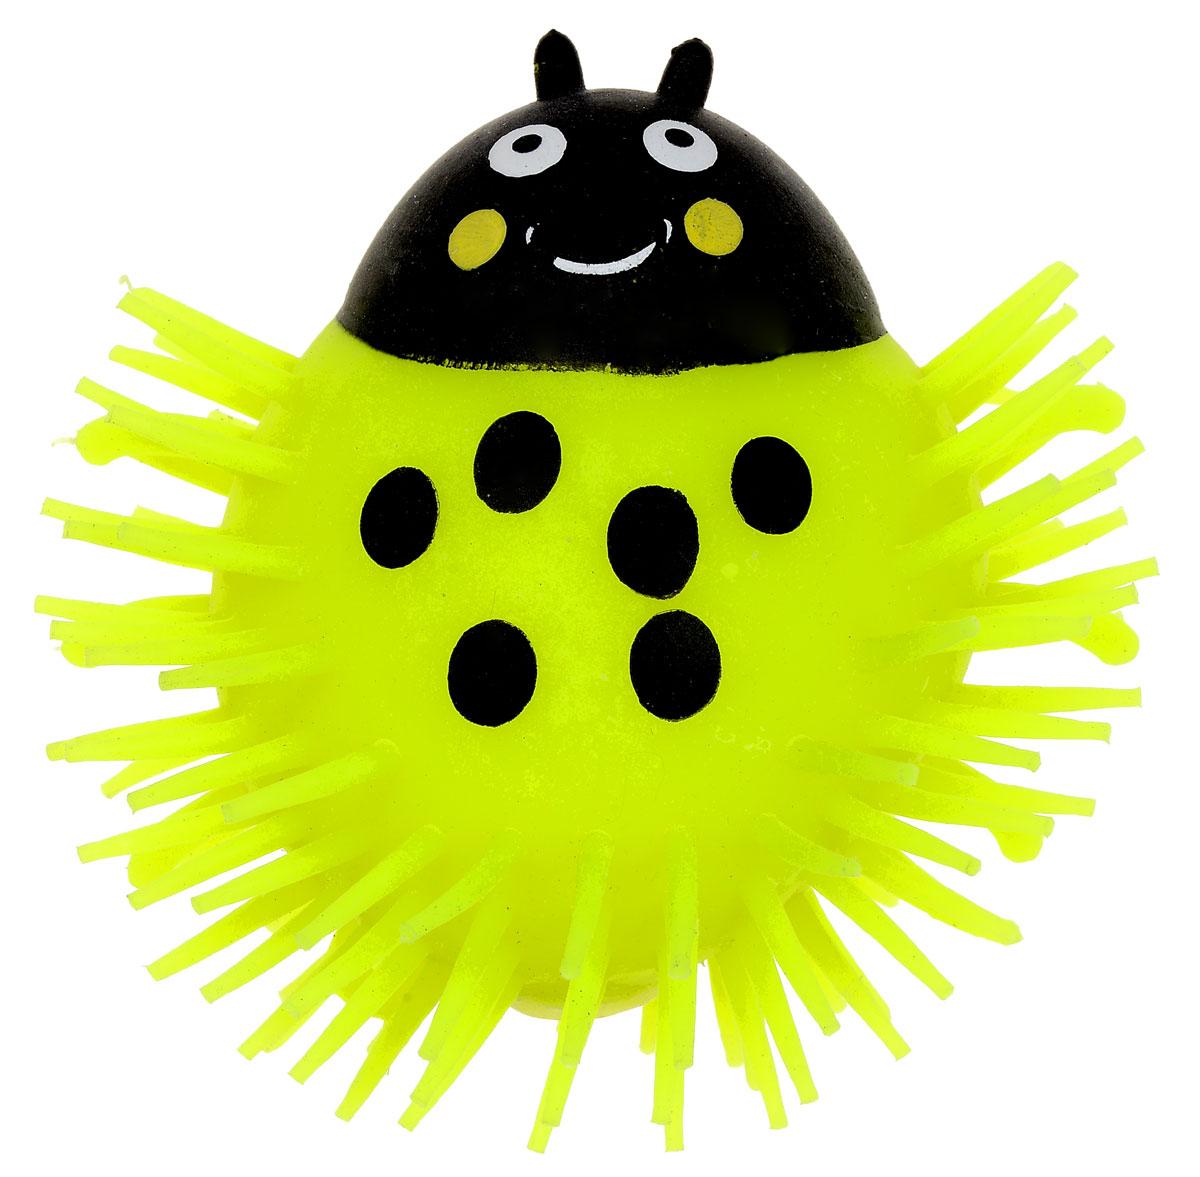 1TOY Игрушка-антистресс Ё-Ёжик Жук цвет желтыйТ56227_желтыйЁ-Ёжик - это яркая игрушка-антистресс - мягкая, приятная на ощупь и напоминающая свернувшегося ёжика. Взяв игрушку в руки, расстаться с ней просто невозможно! Её не только приятно держать в руках, если перекинуть игрушку из руки в руку, она начнёт мигать цветными огоньками. Игрушка желтого цвета с черным рисунком и длинными мягкими колючками. Данная игрушка рассчитана на широкую целевую аудиторию, как детей от трёх лет, так и взрослых. Ё-Ёжик обязательно станет самым любимым забавным сувениром. Игрушка работает от незаменяемых батареек.